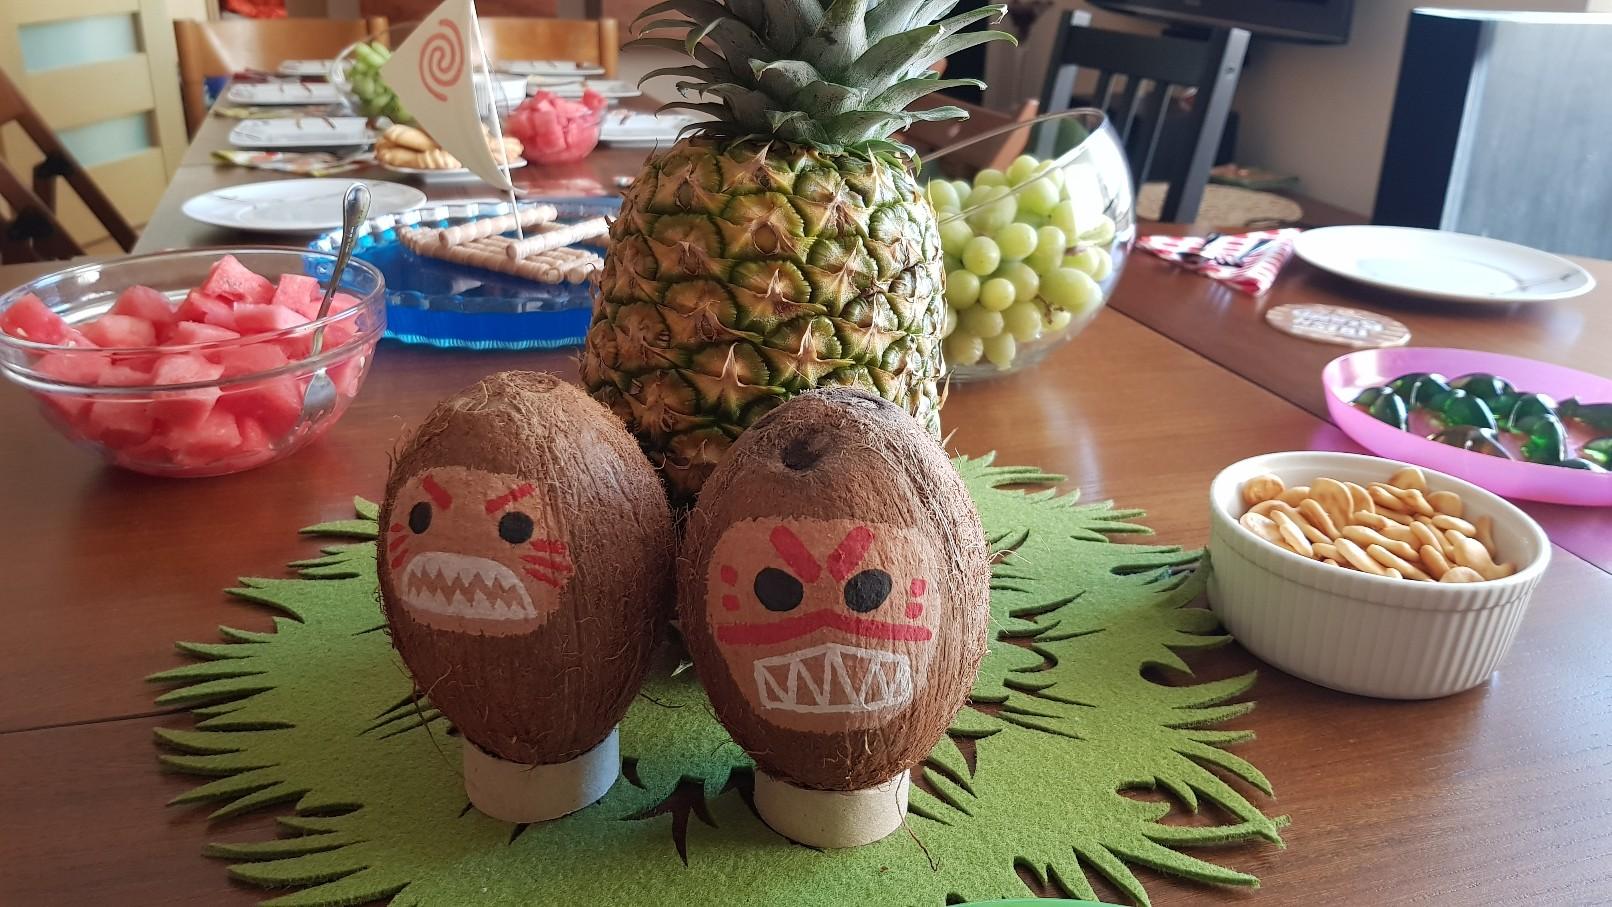 moana vaiana birthday party food ideas pineapple kakamora